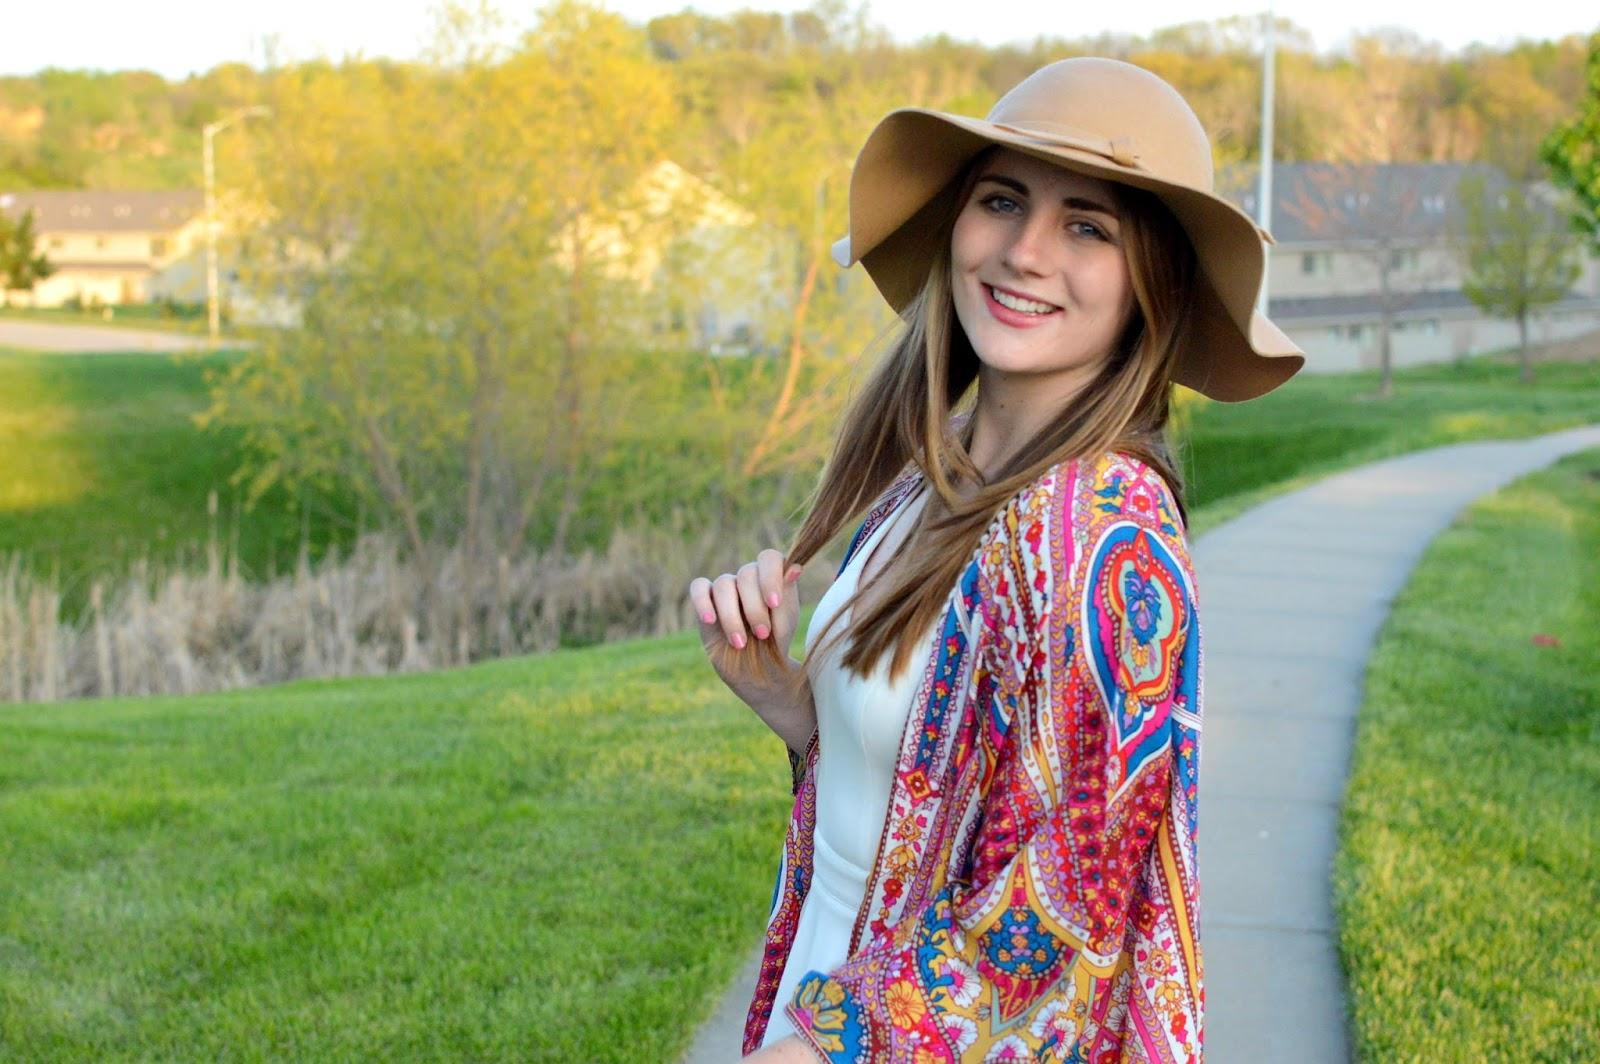 bright kimono with a floppy hat